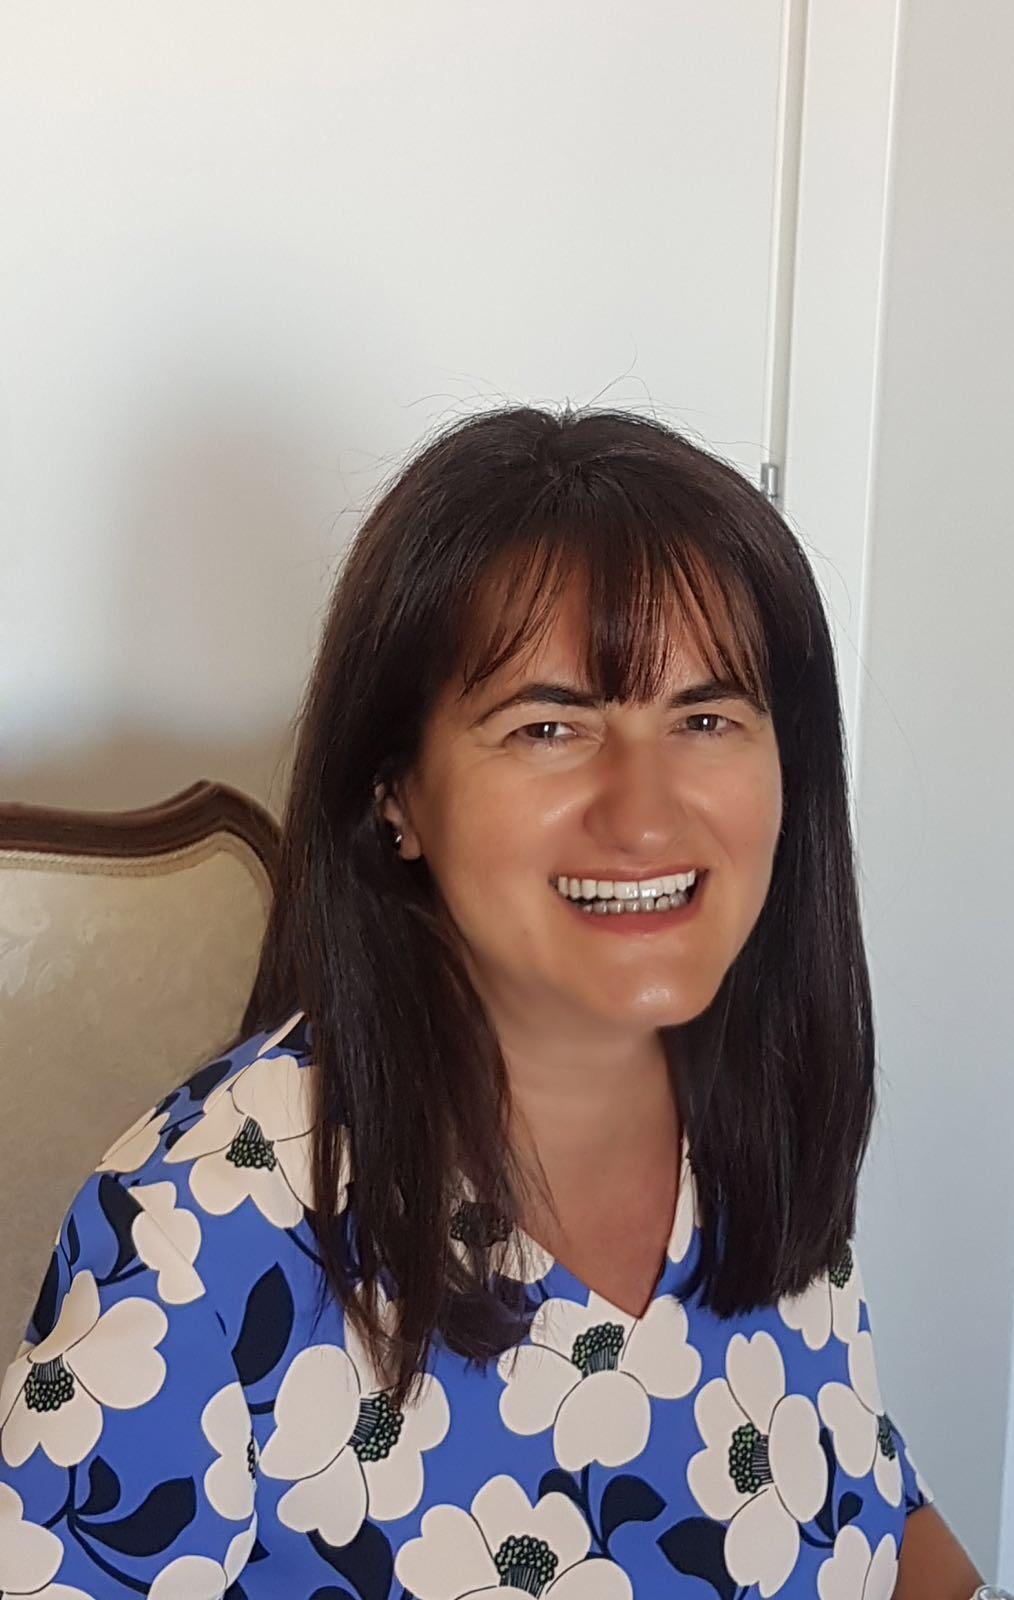 L'EMERGENZA VIOLENZA SULLE DONNE NELL'EMERGENZA COVID-19 - Dott.ssa Francesca Malatacca Psicoterapeuta